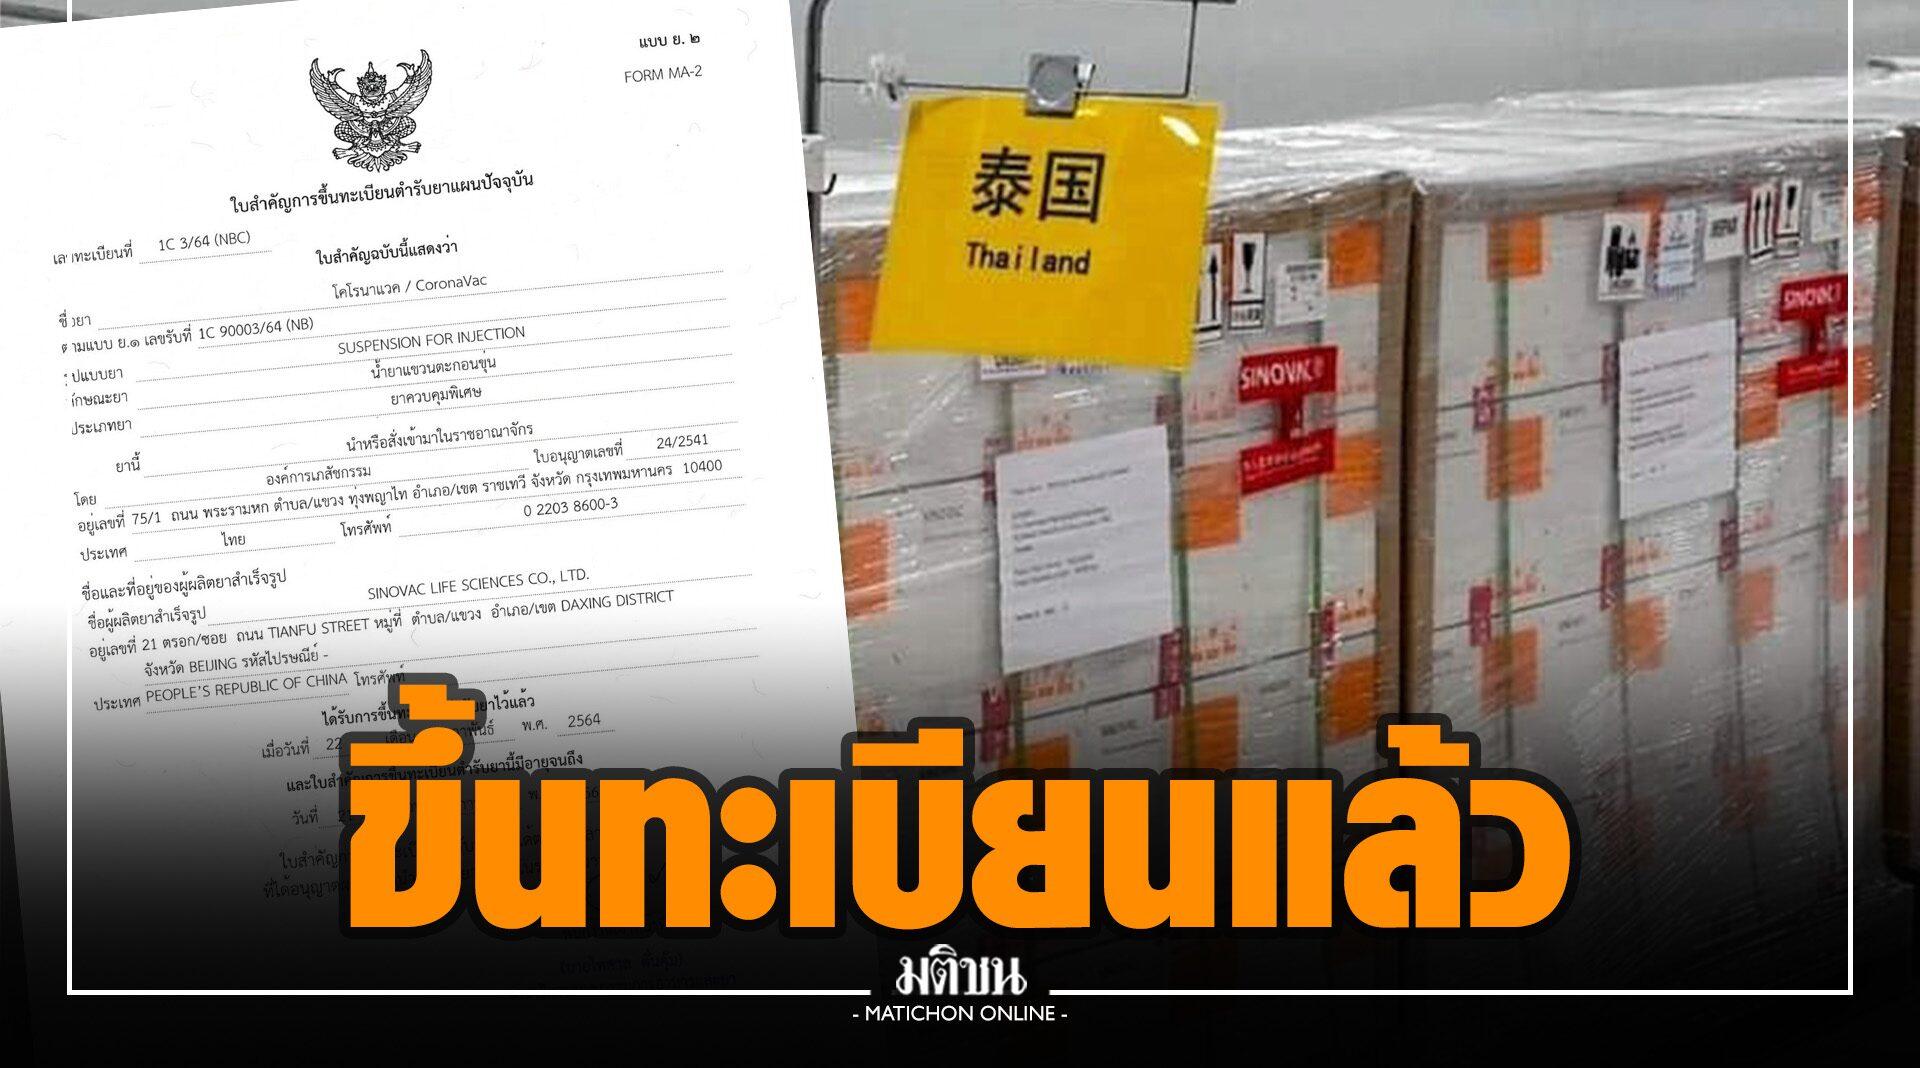 อย. ขึ้นทะเบียน 'วัคซีนซิโนแวค' ก่อนวัคซีนถึงไทยพรุ่งนี้